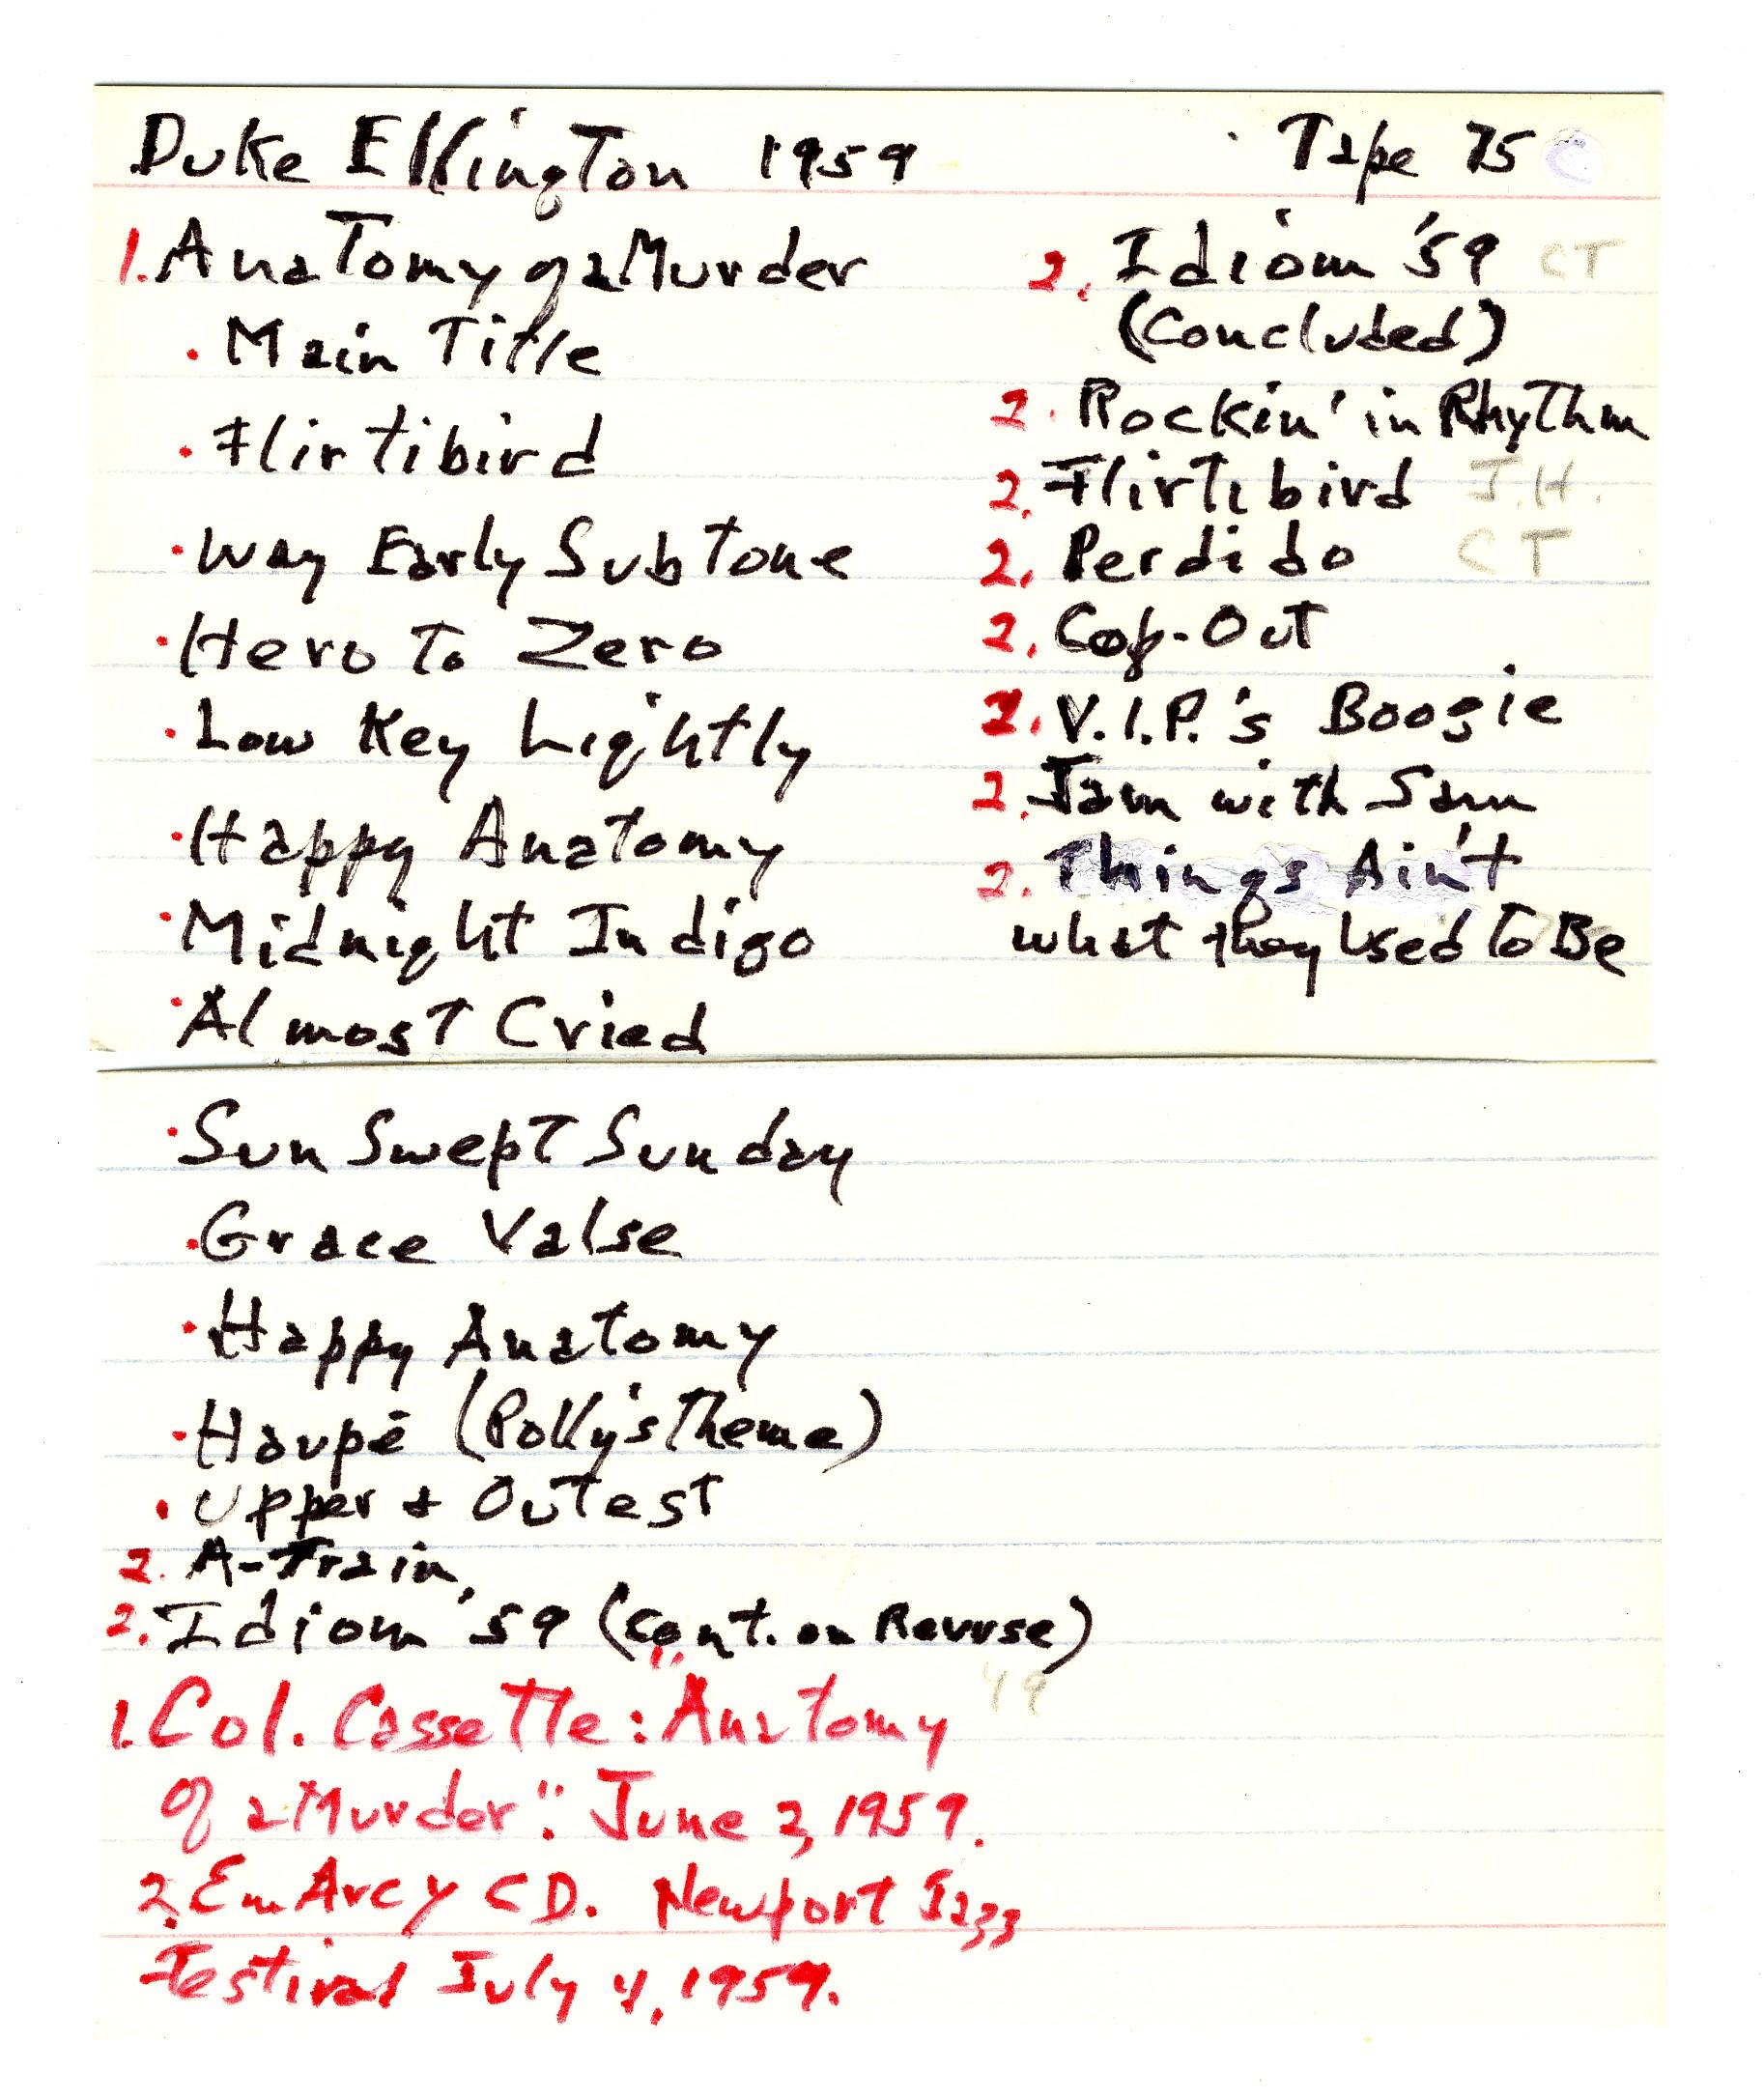 Niven Jazz Collection: Duke Ellington Tape 75 (1959 ... | 1826 x 2173 jpeg 647kB